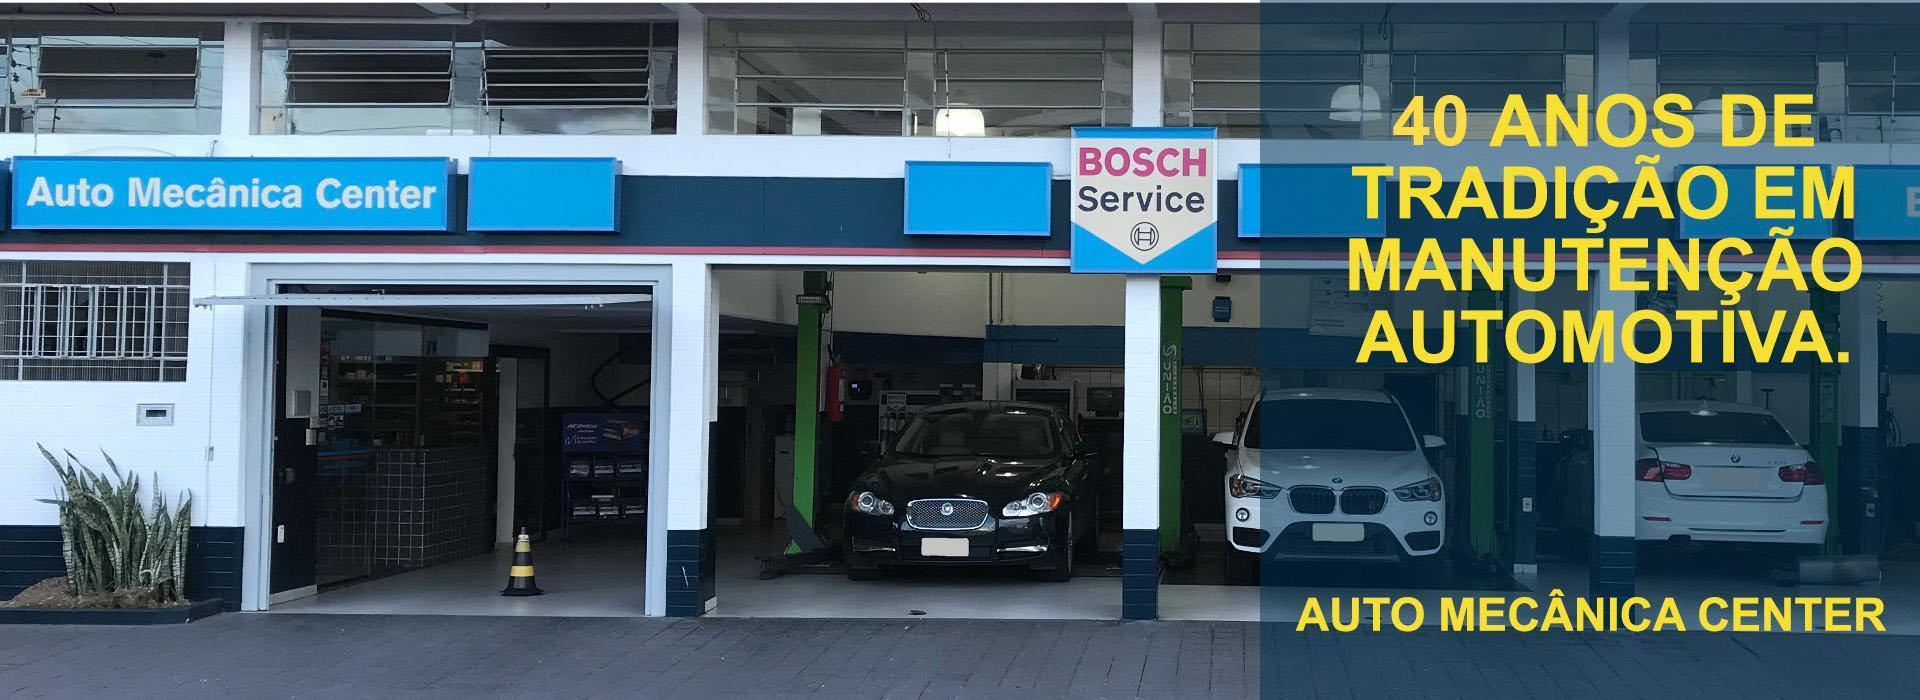 Qualidade Bosch - Auto Mecânica Center